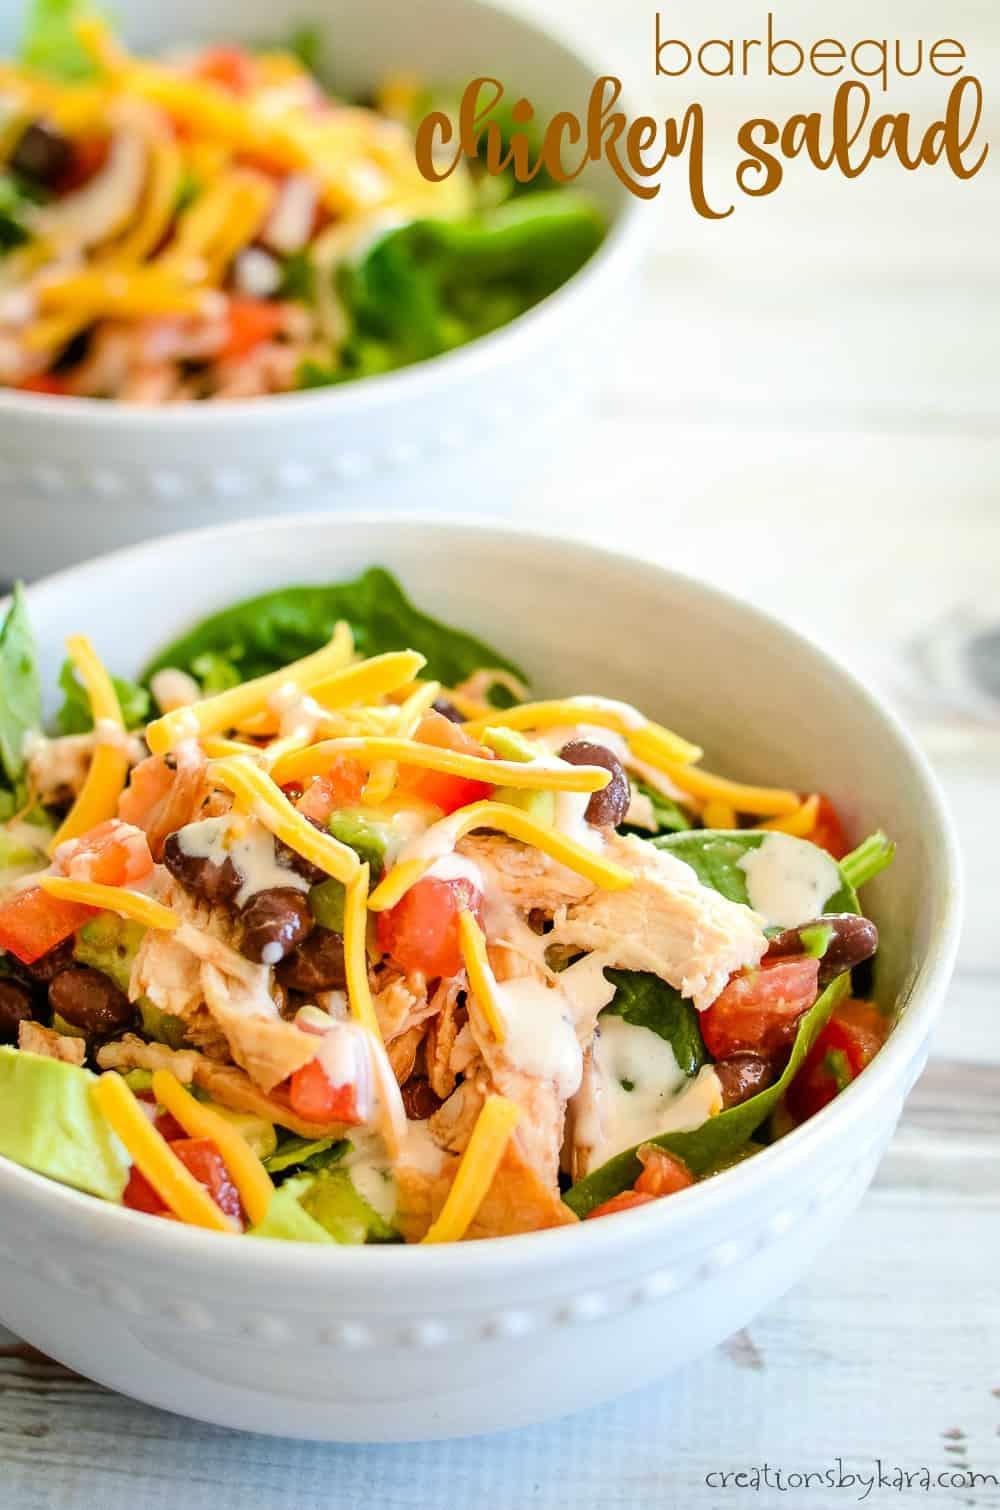 bbq chicken salad title photo